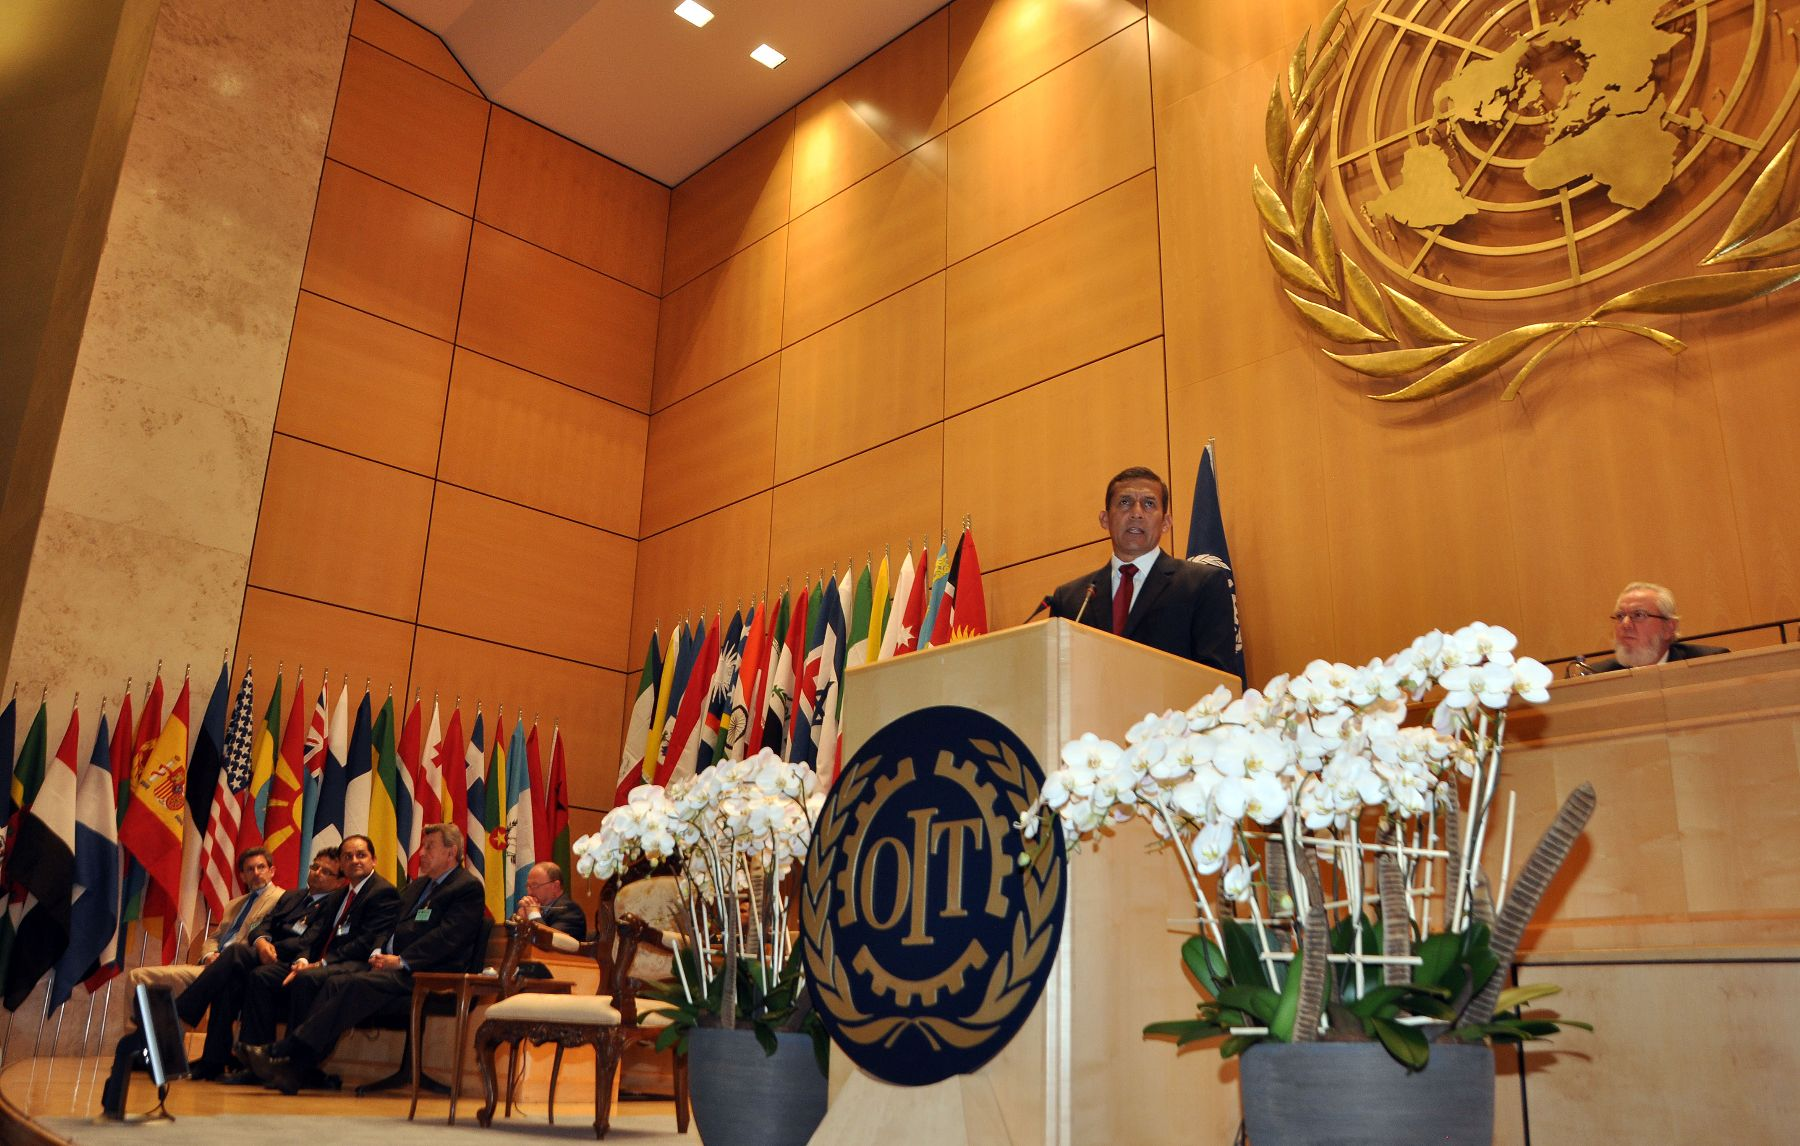 Presidente Ollanta Humala participó en la Asamblea General de la Organización Internacional del Trabajo (OIT), en Ginebra, Suiza. Foto: ANDINA/Prensa Presidencia.